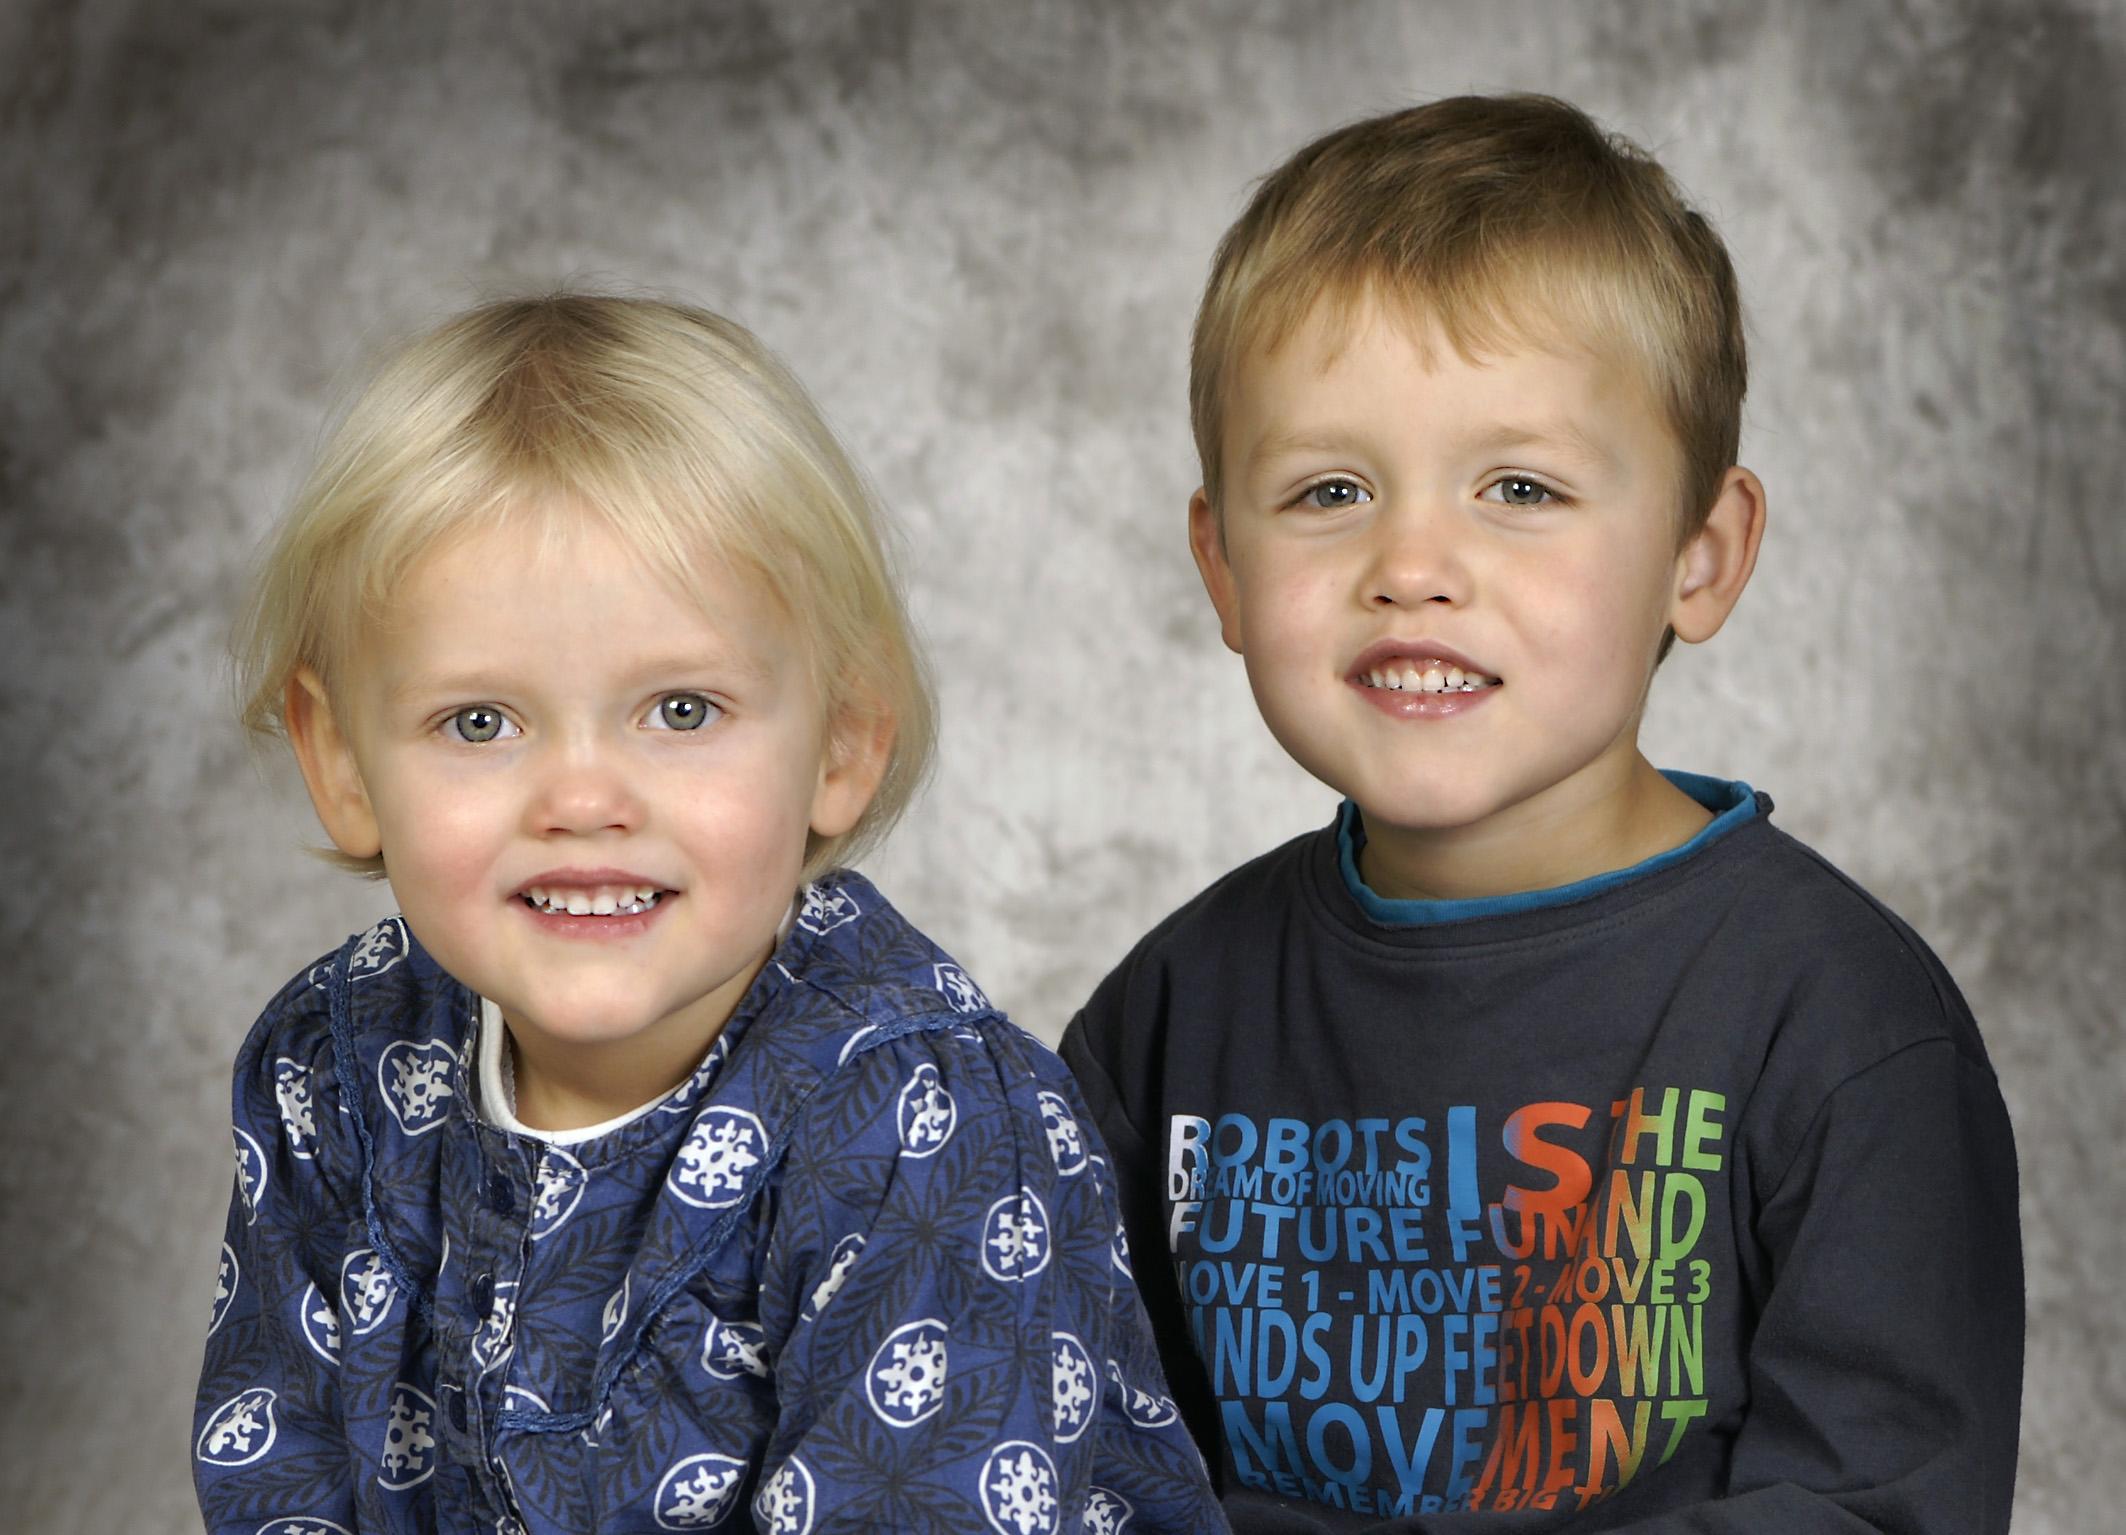 Fotografering af børn - 2 børn